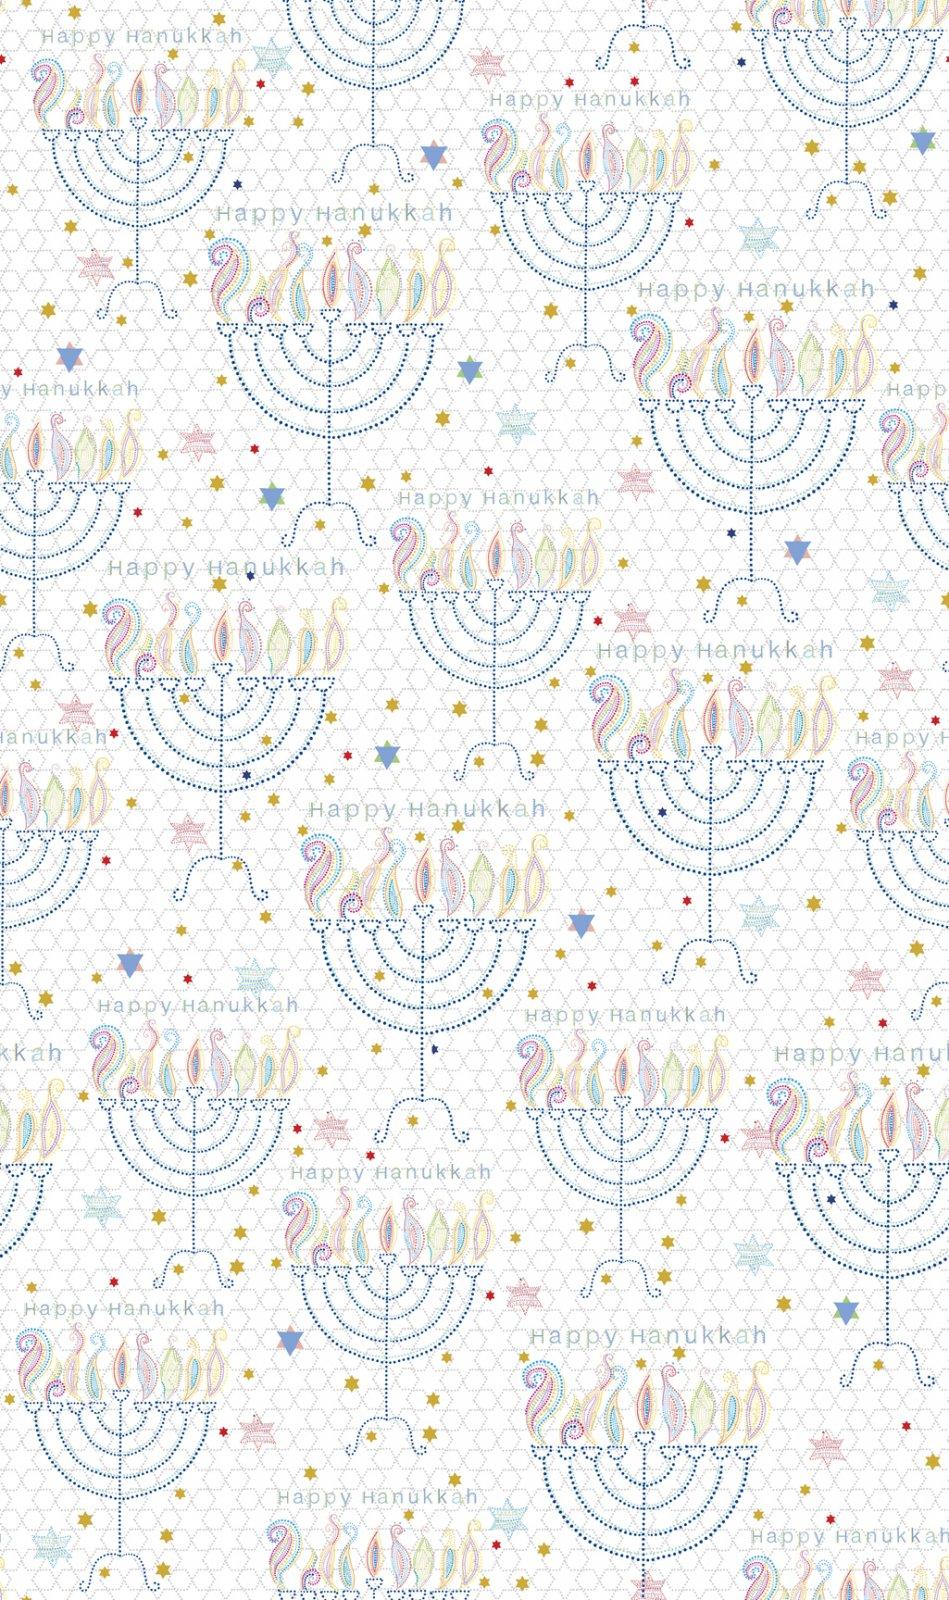 QT- Happy Hanukkah (Menorahs) White